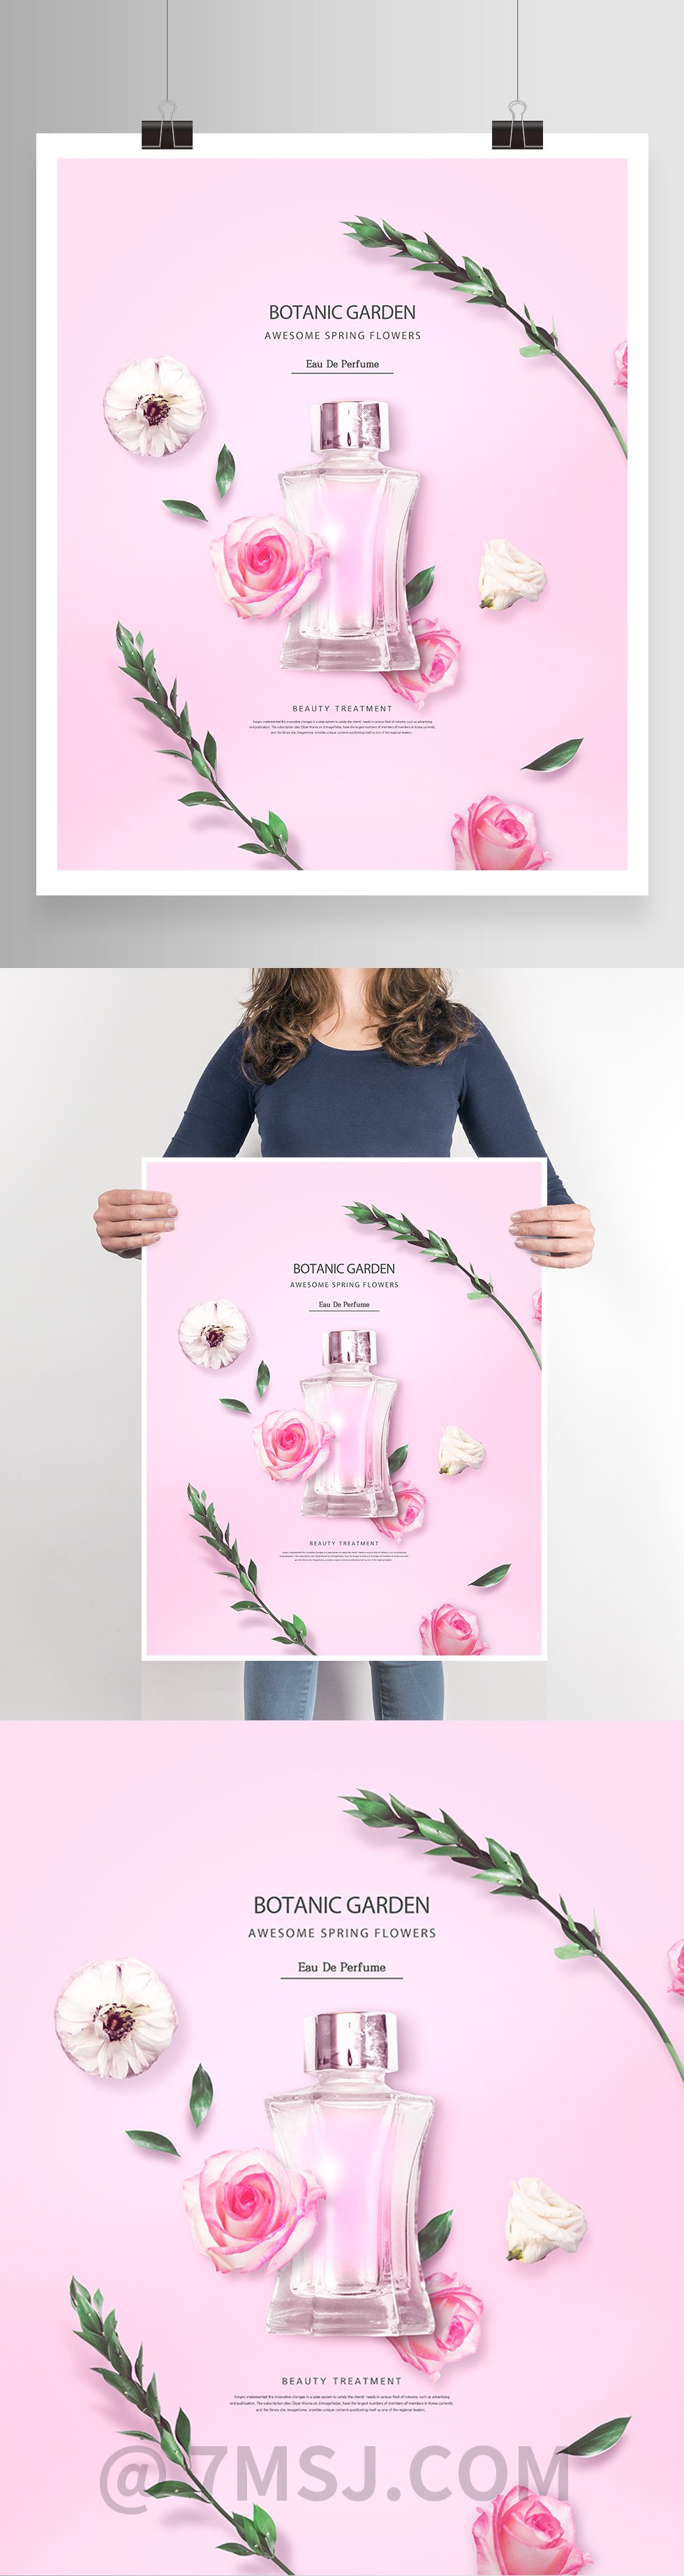 粉色清新香水化妆品美容海报